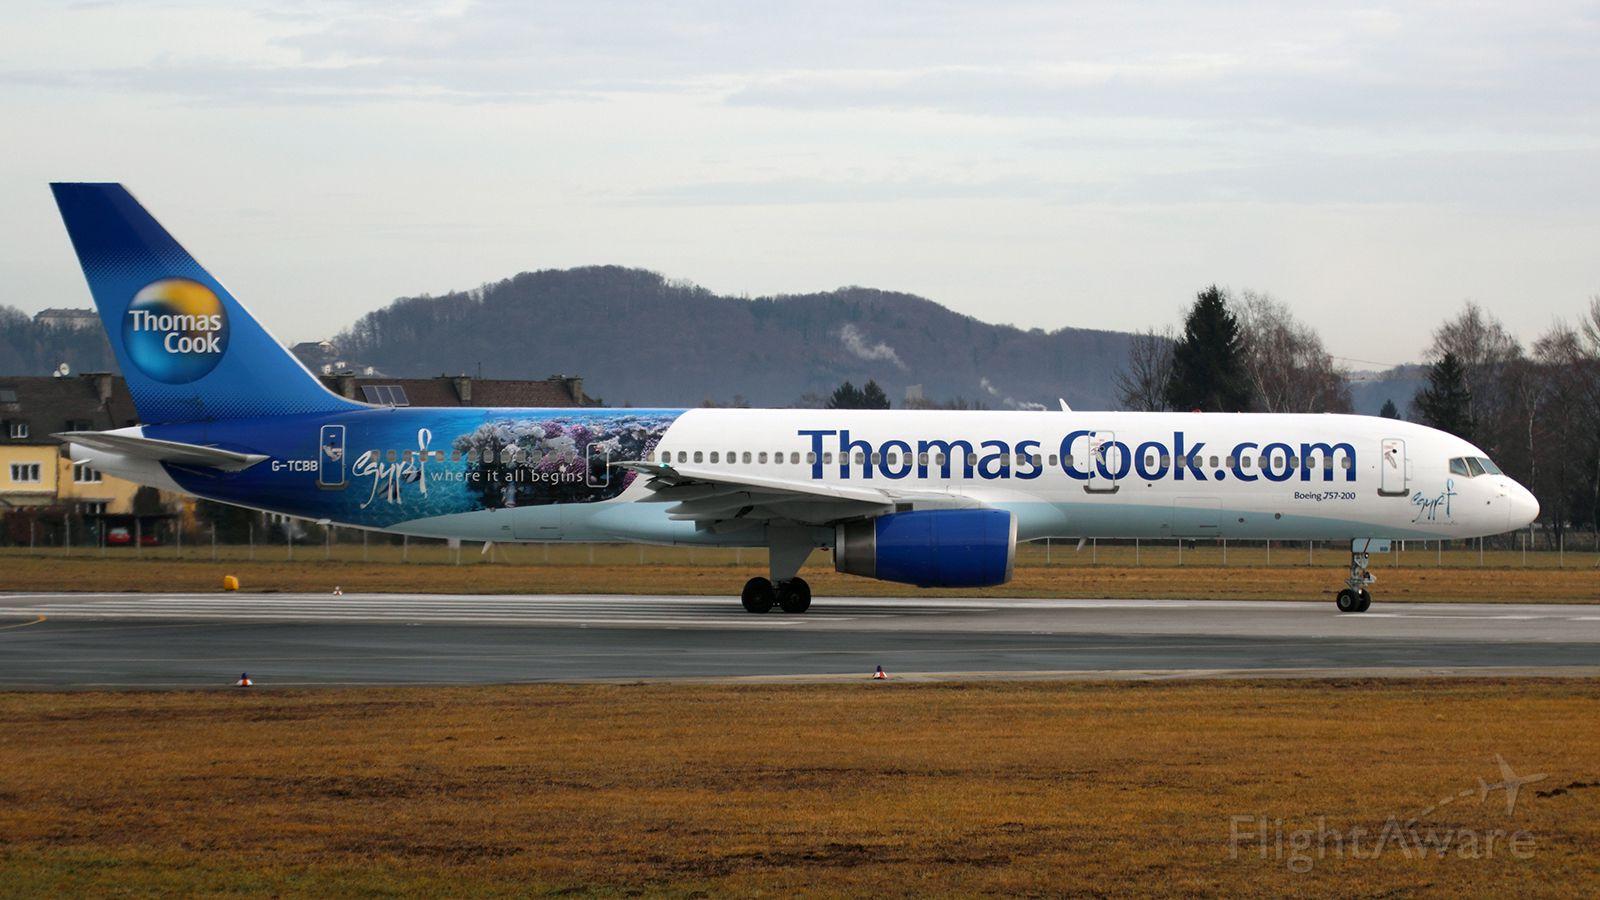 Boeing 757-200 (G-TCBB) - Egypt - where it all begins